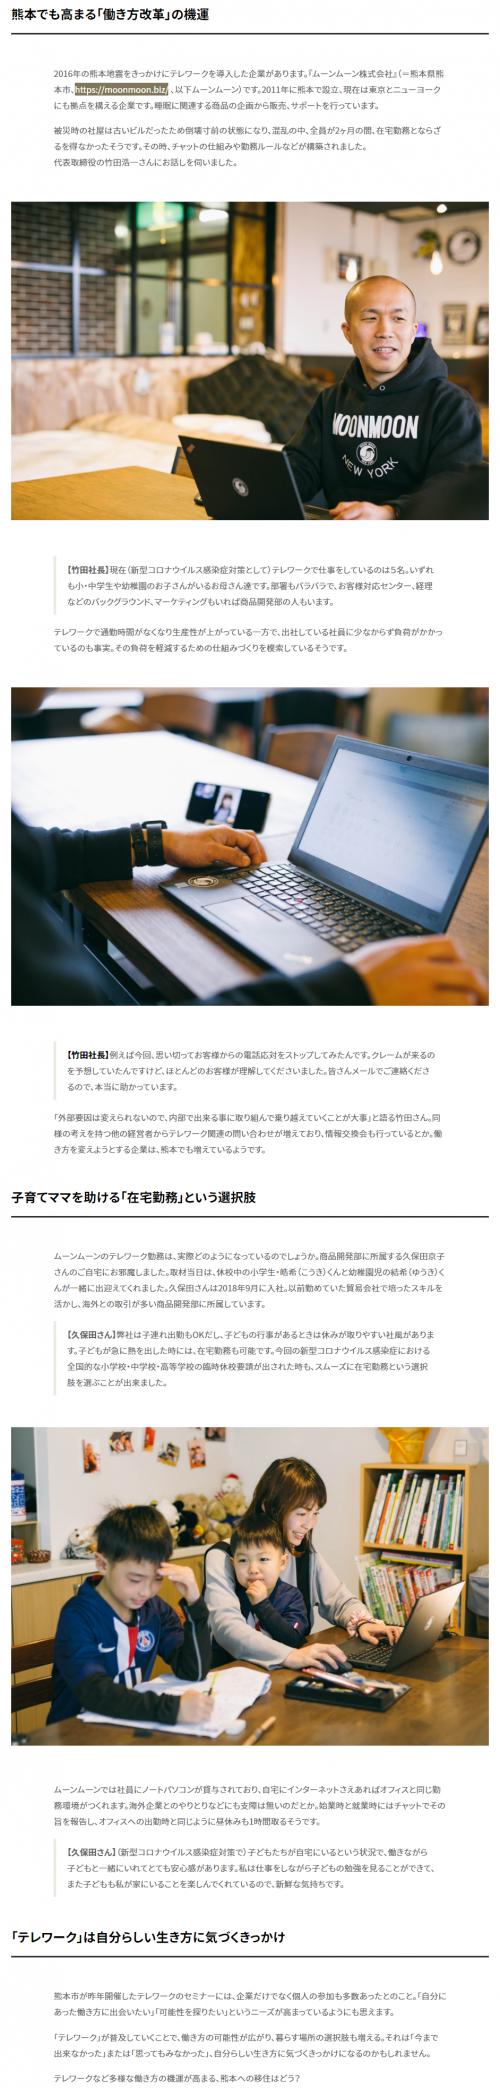 熊本市公式移住情報サイトにムーンムーンのテレワークの取り組みについてご掲載いただきました。